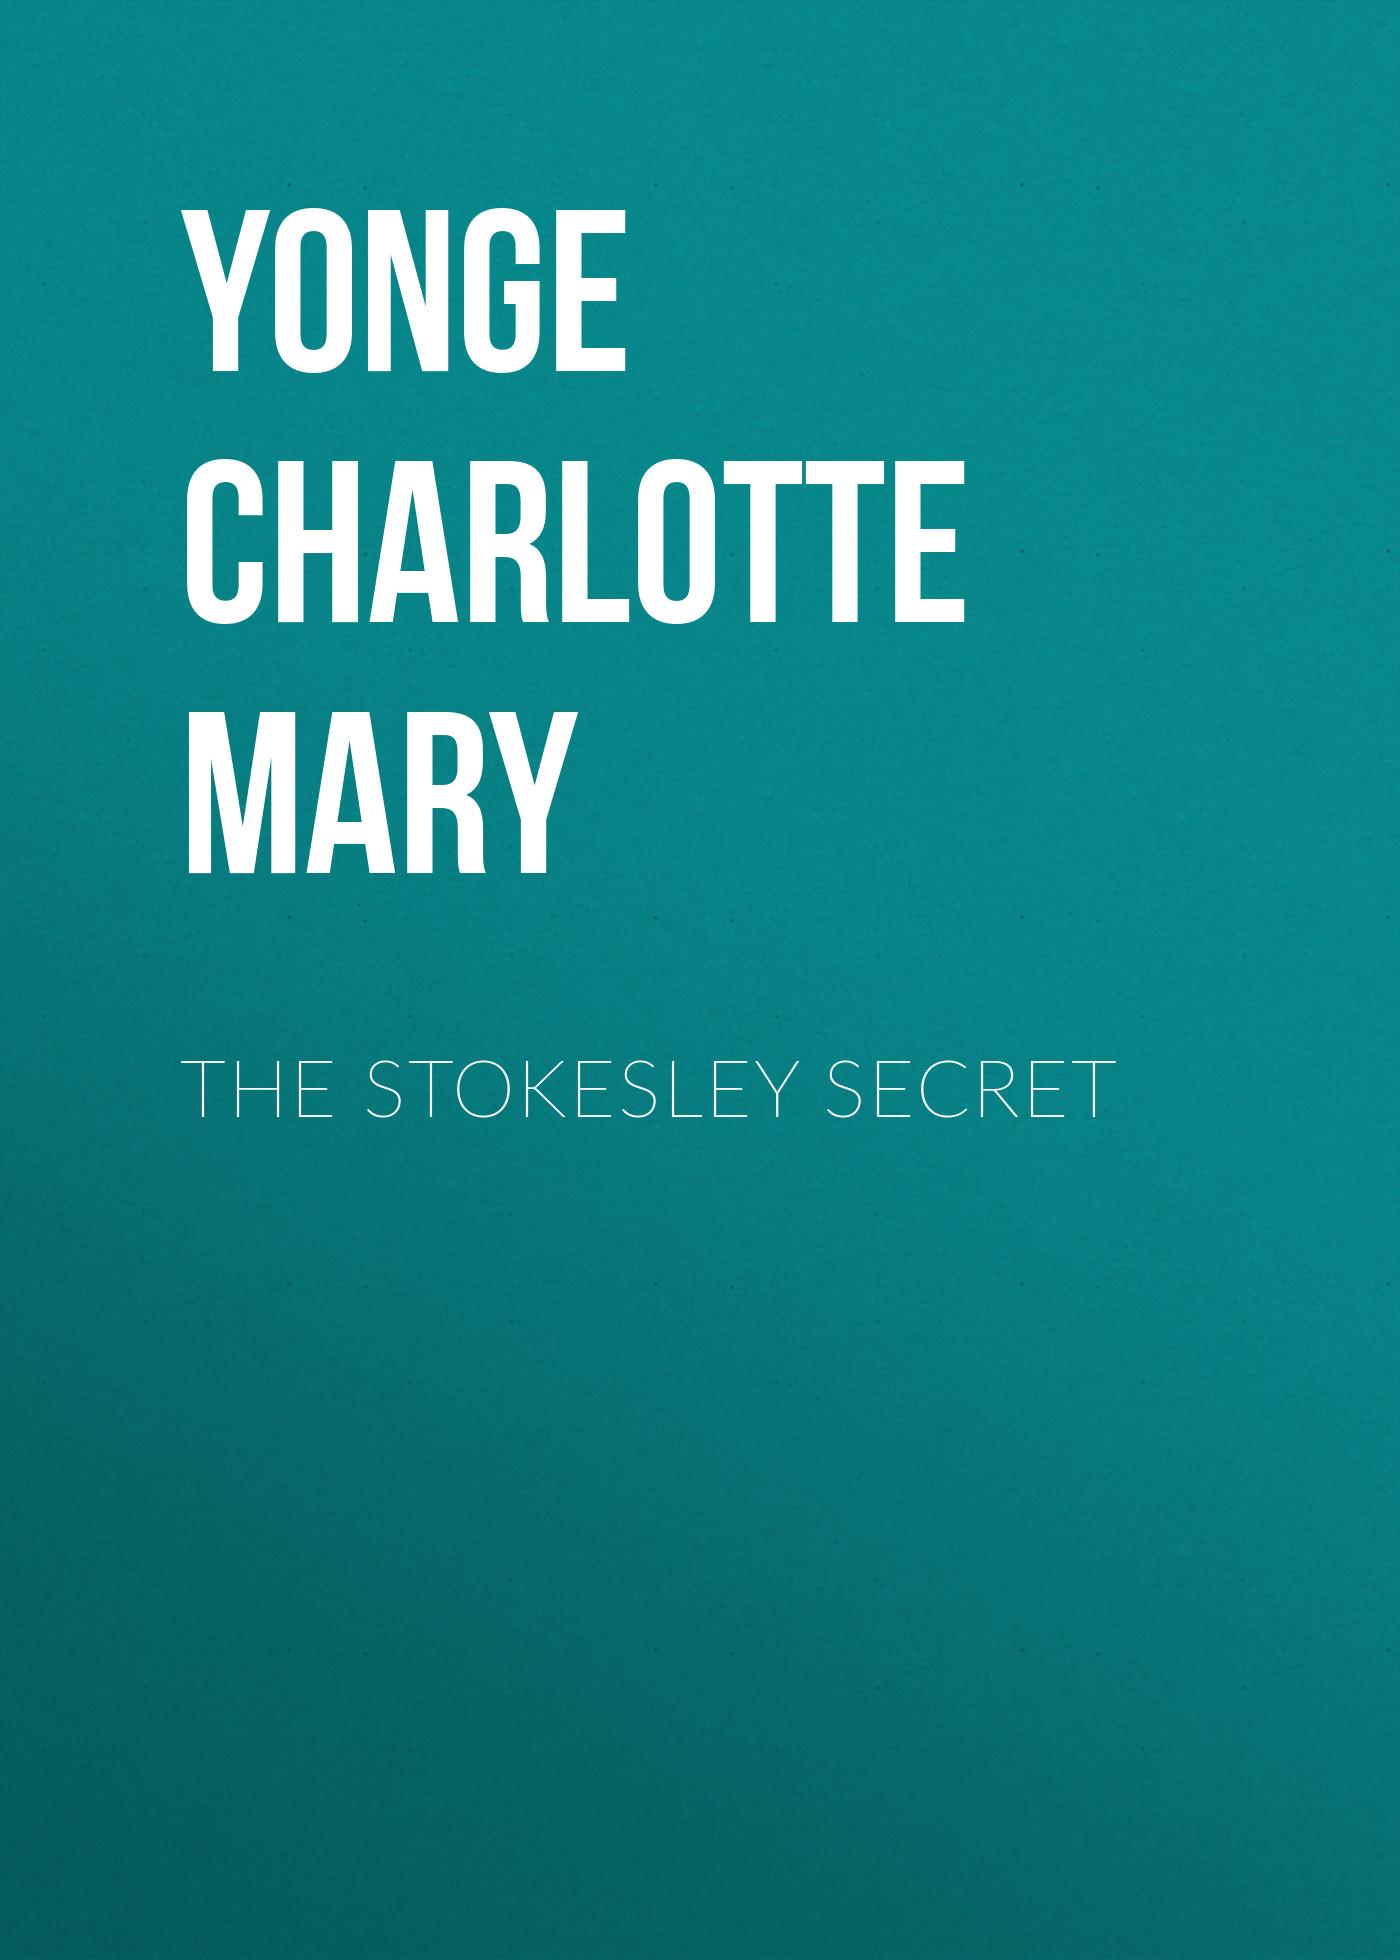 цена Yonge Charlotte Mary The Stokesley Secret онлайн в 2017 году